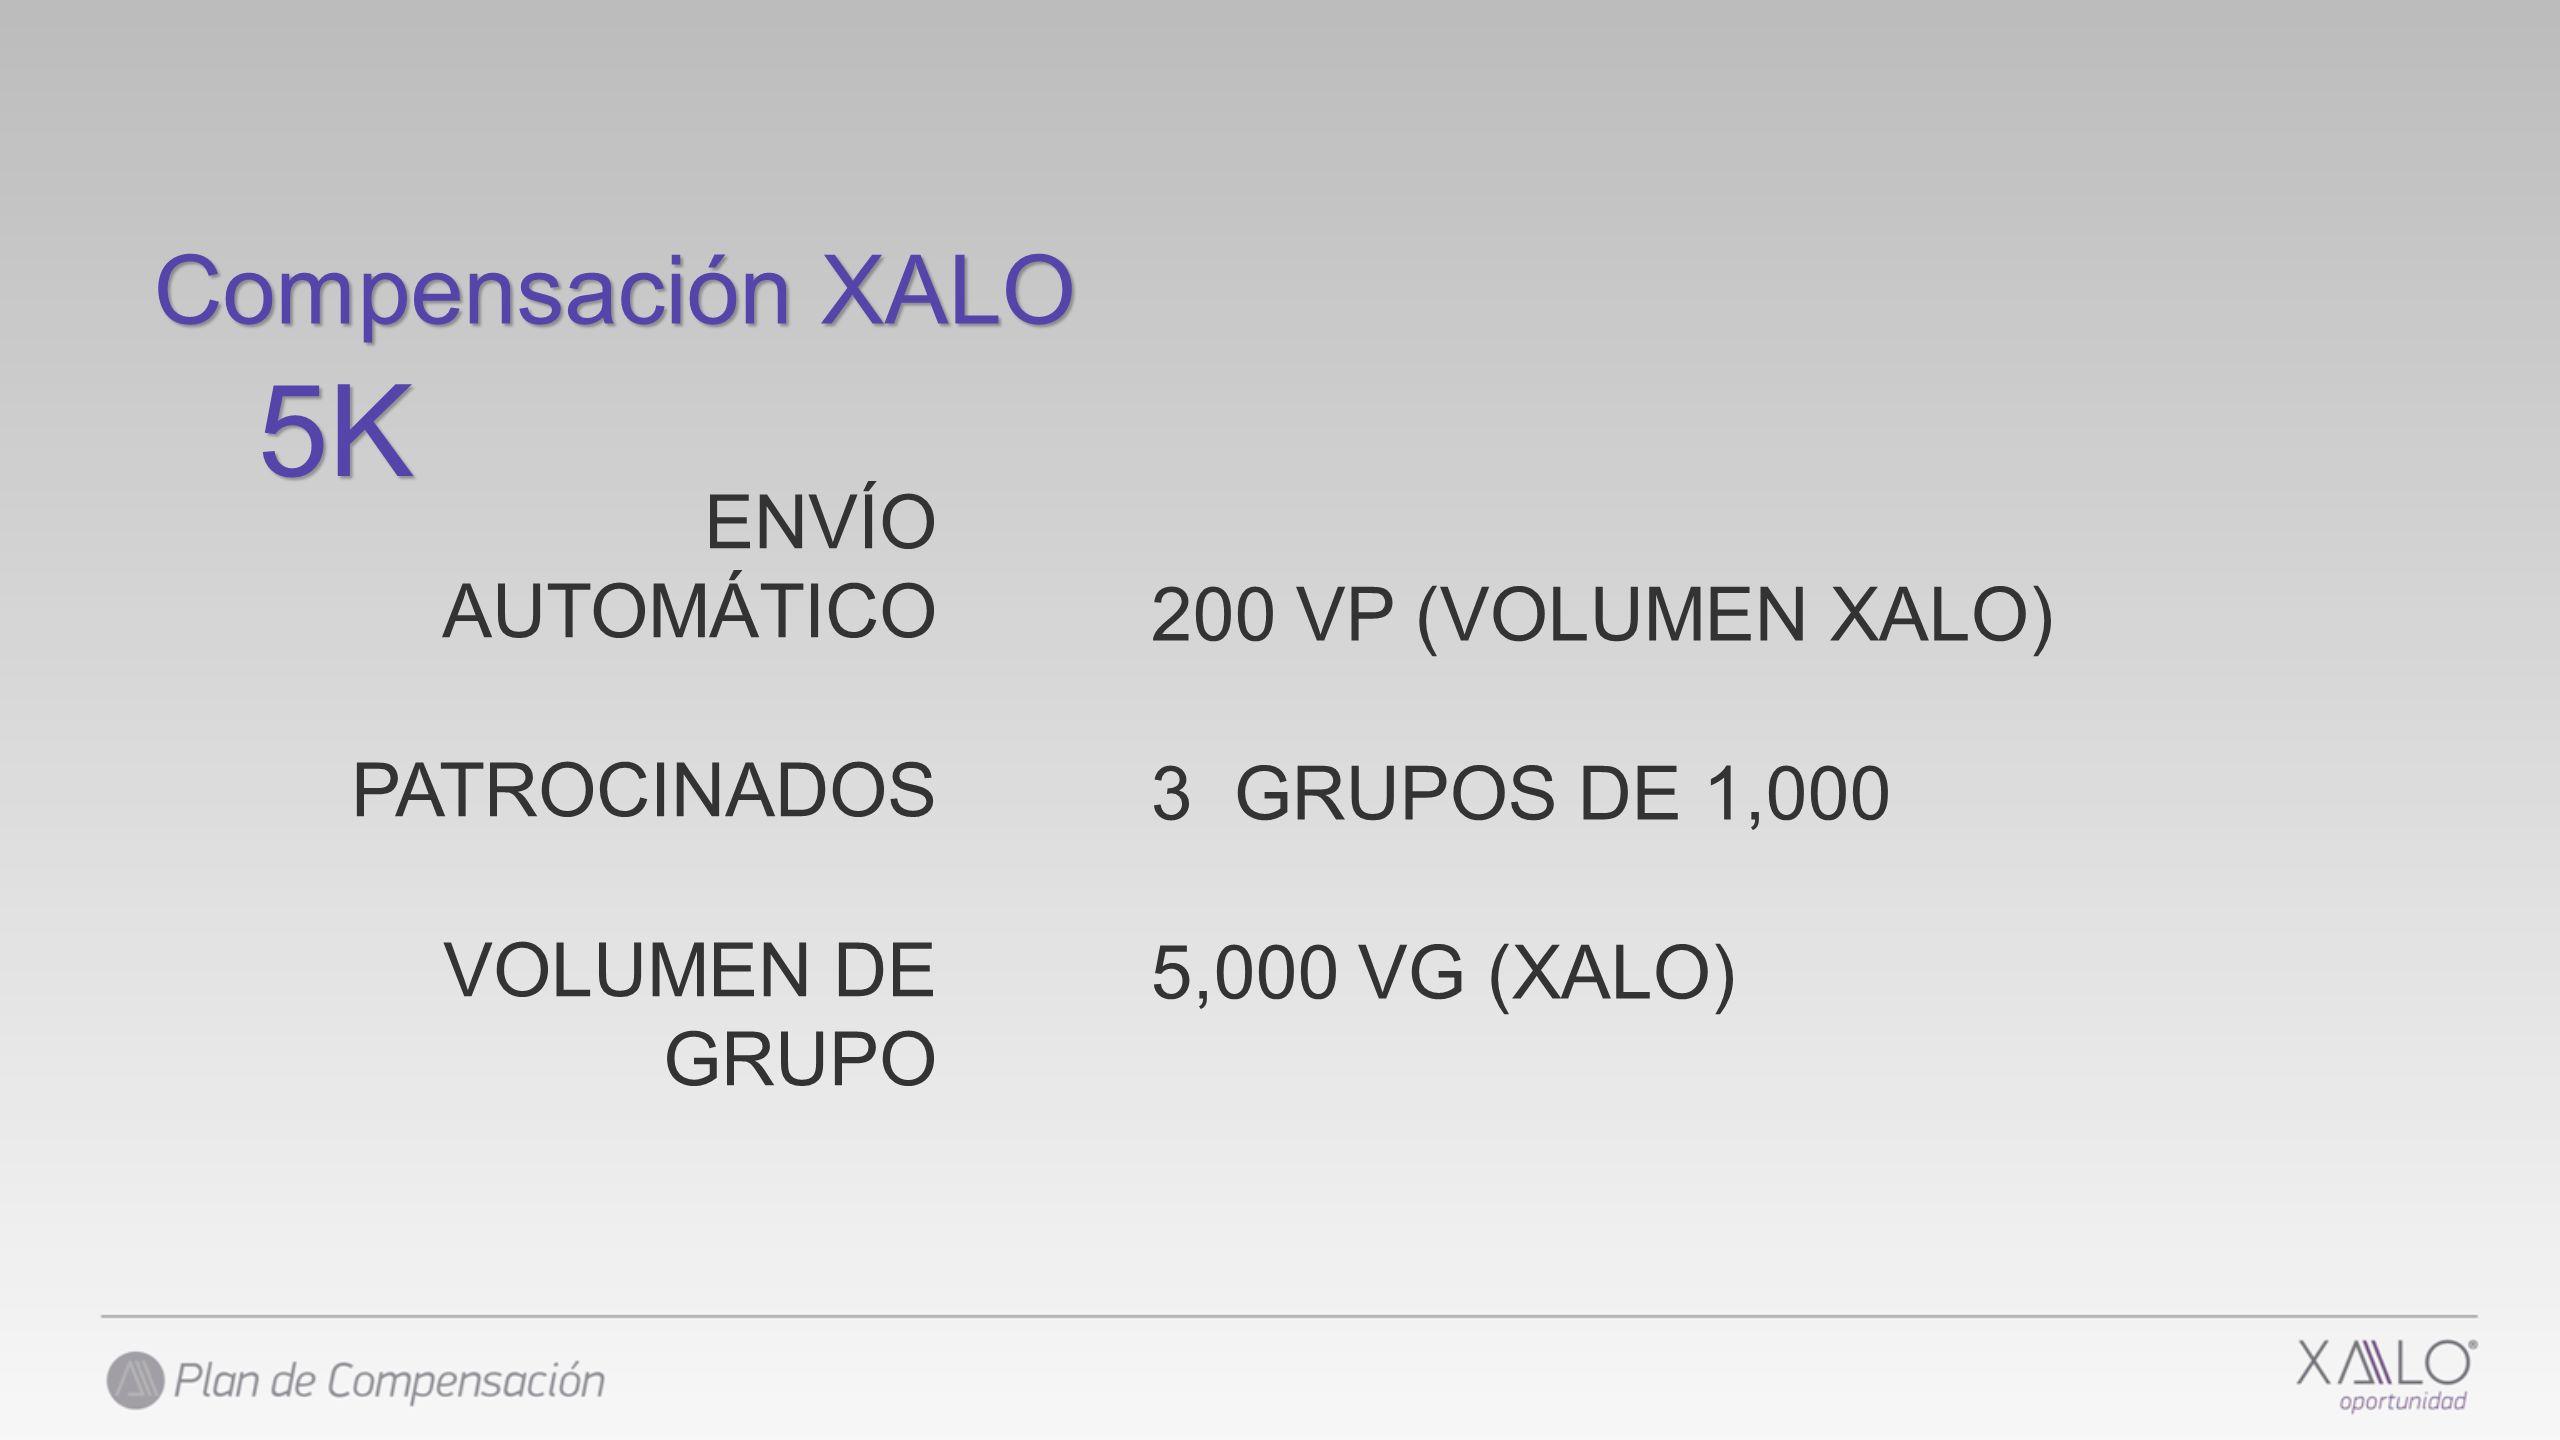 ENVÍO AUTOMÁTICO PATROCINADOS VOLUMEN DE GRUPO 200 VP (VOLUMEN XALO) 3 GRUPOS DE 1,000 5,000 VG (XALO) Compensación XALO 5K